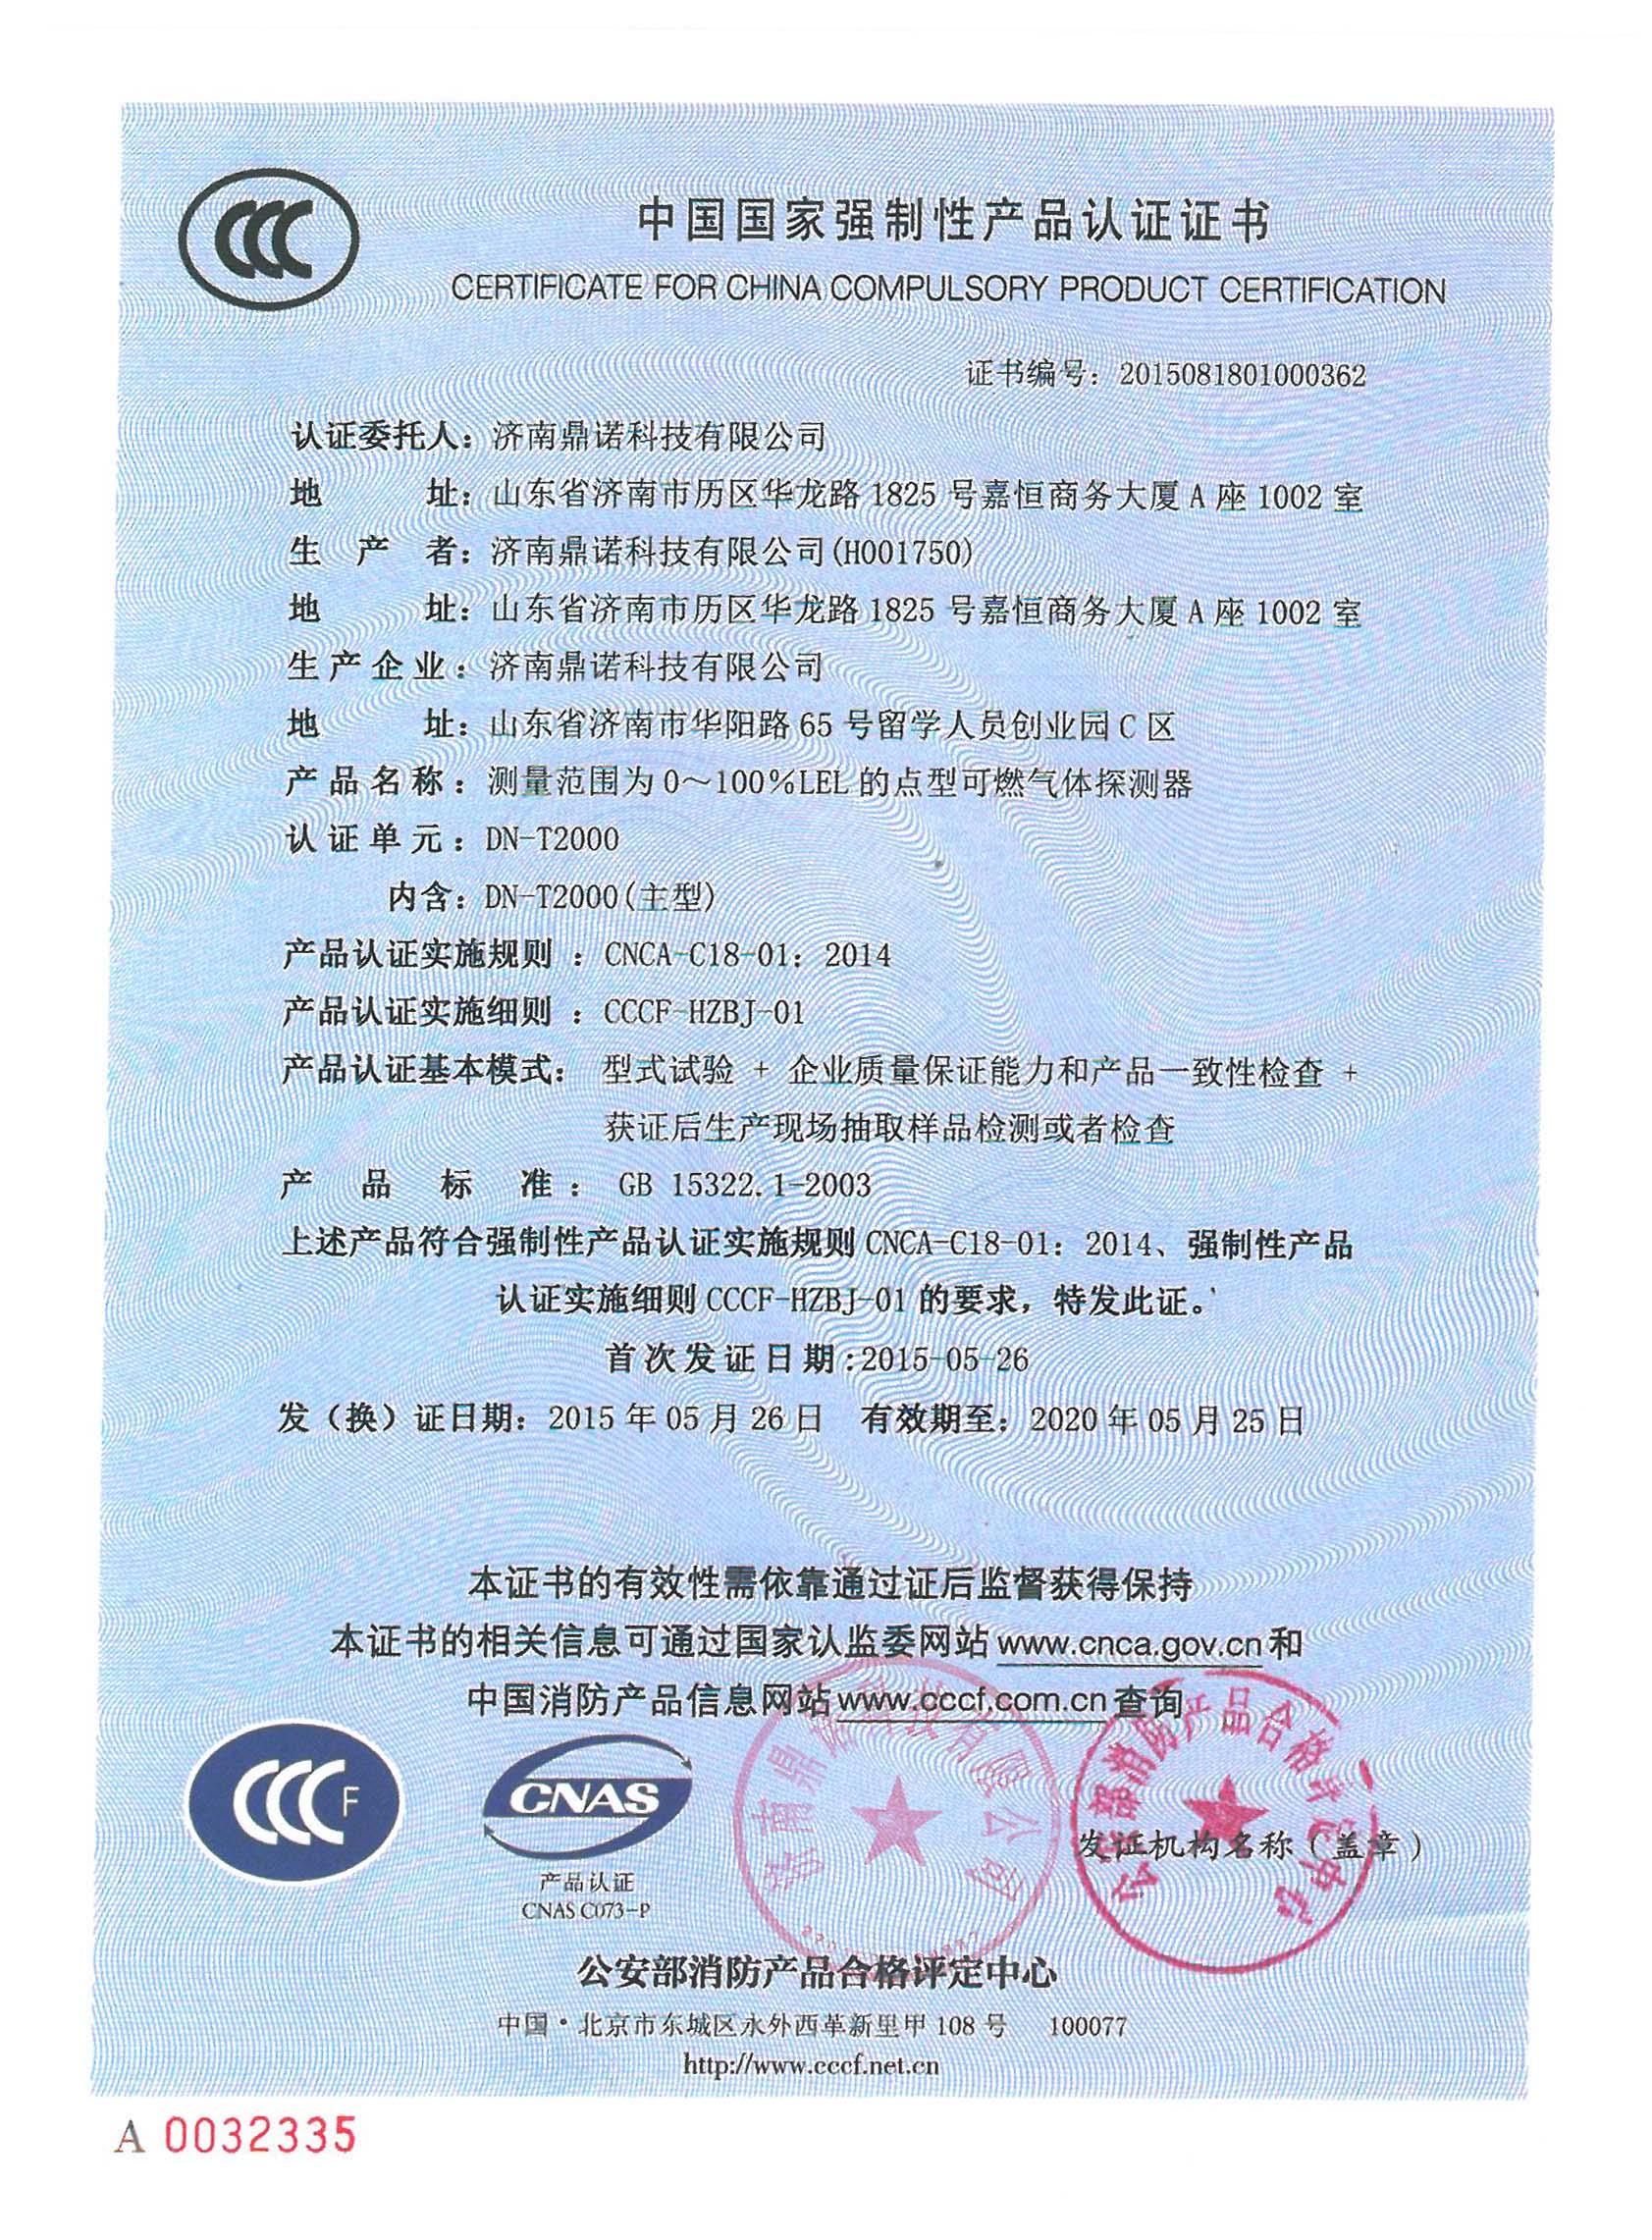 DN-T2000探测器型强制产品认证证书